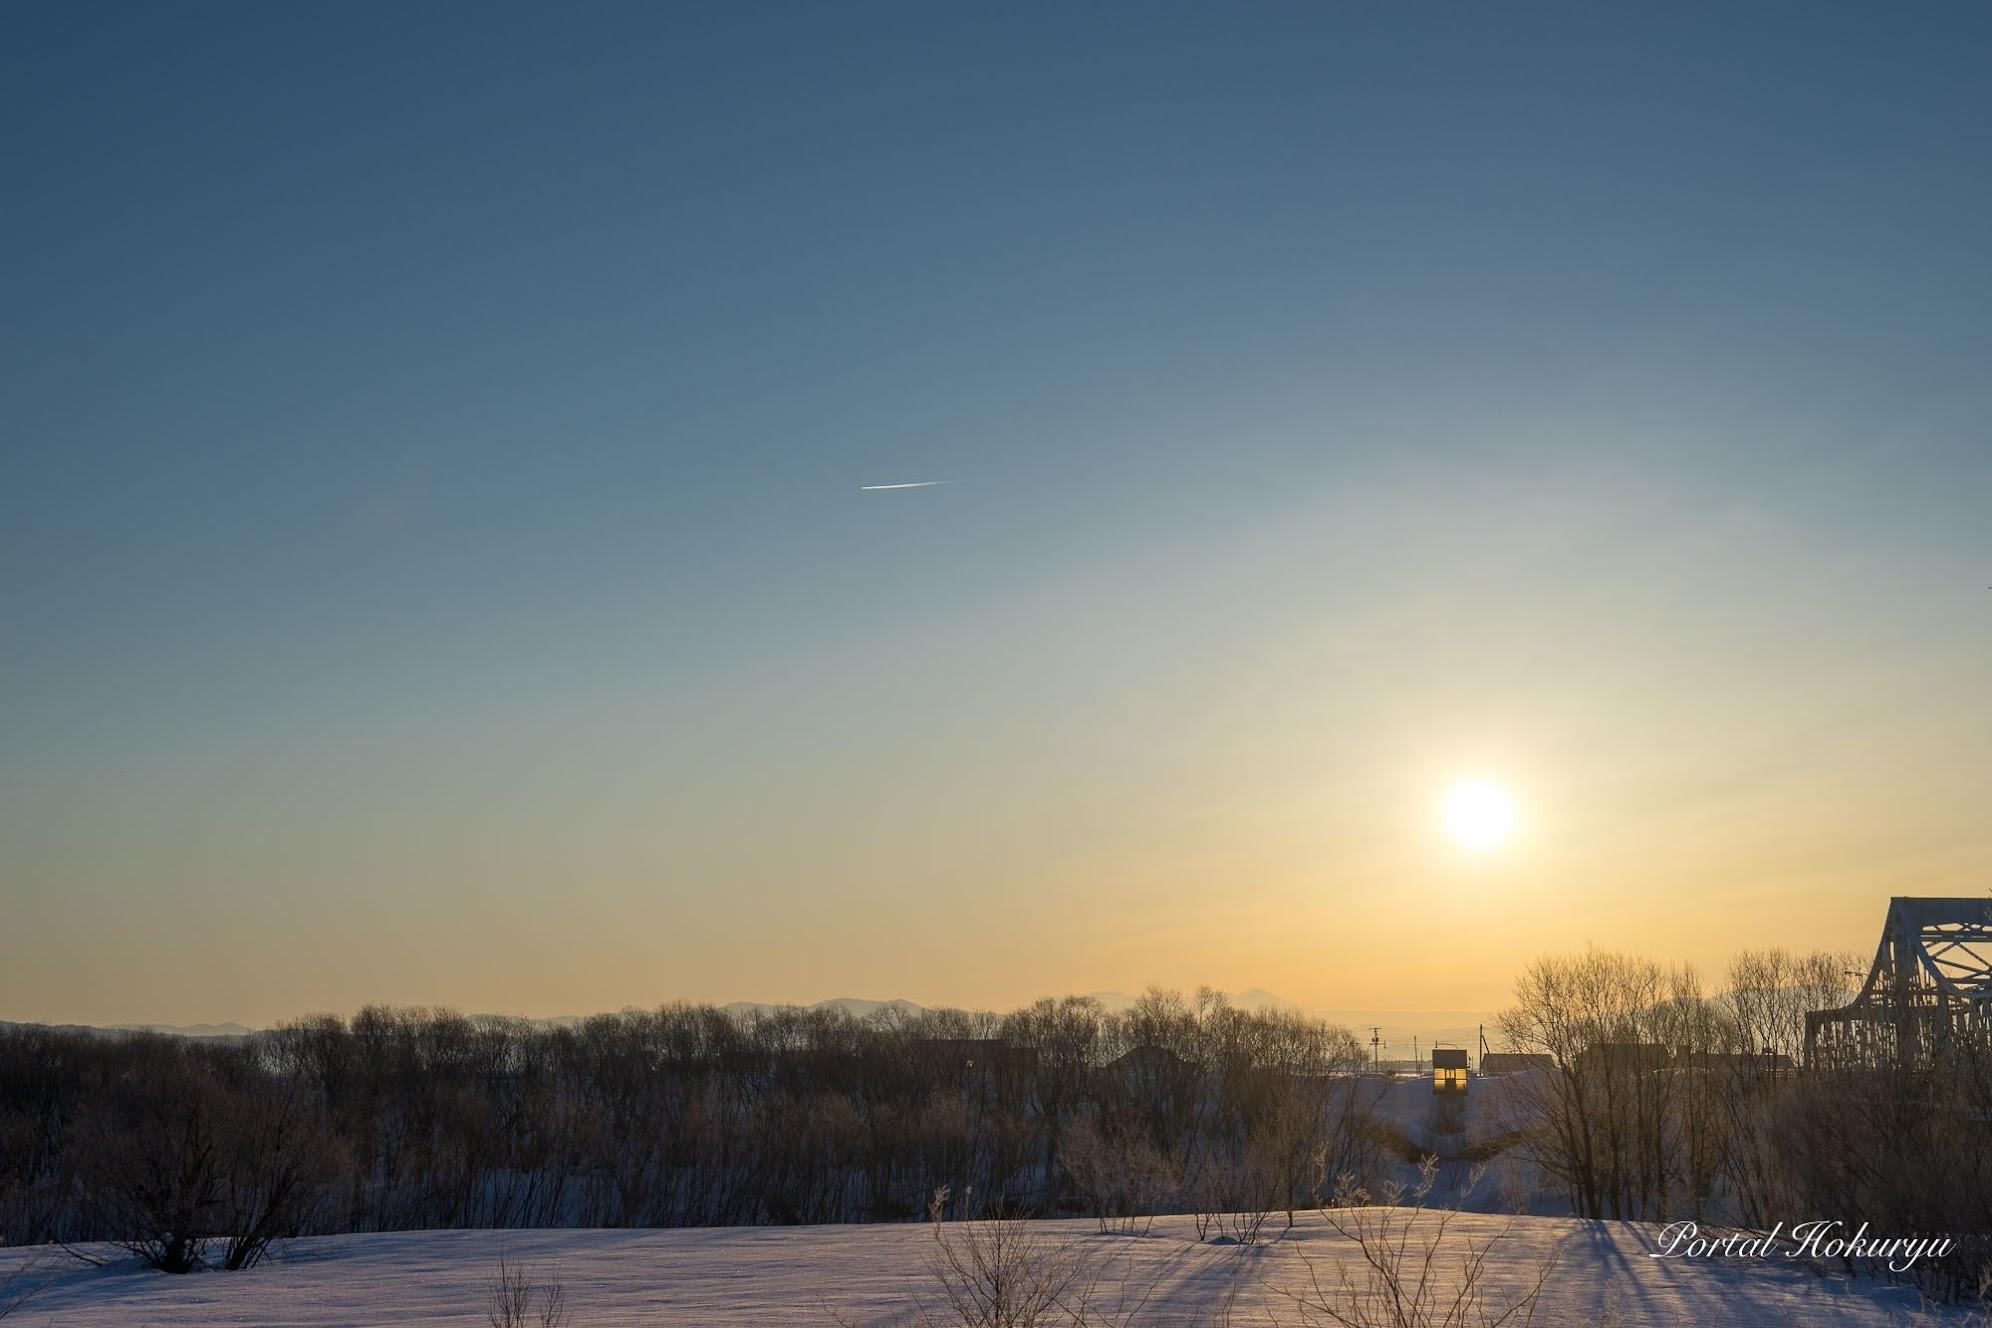 朝陽に輝く流れ星